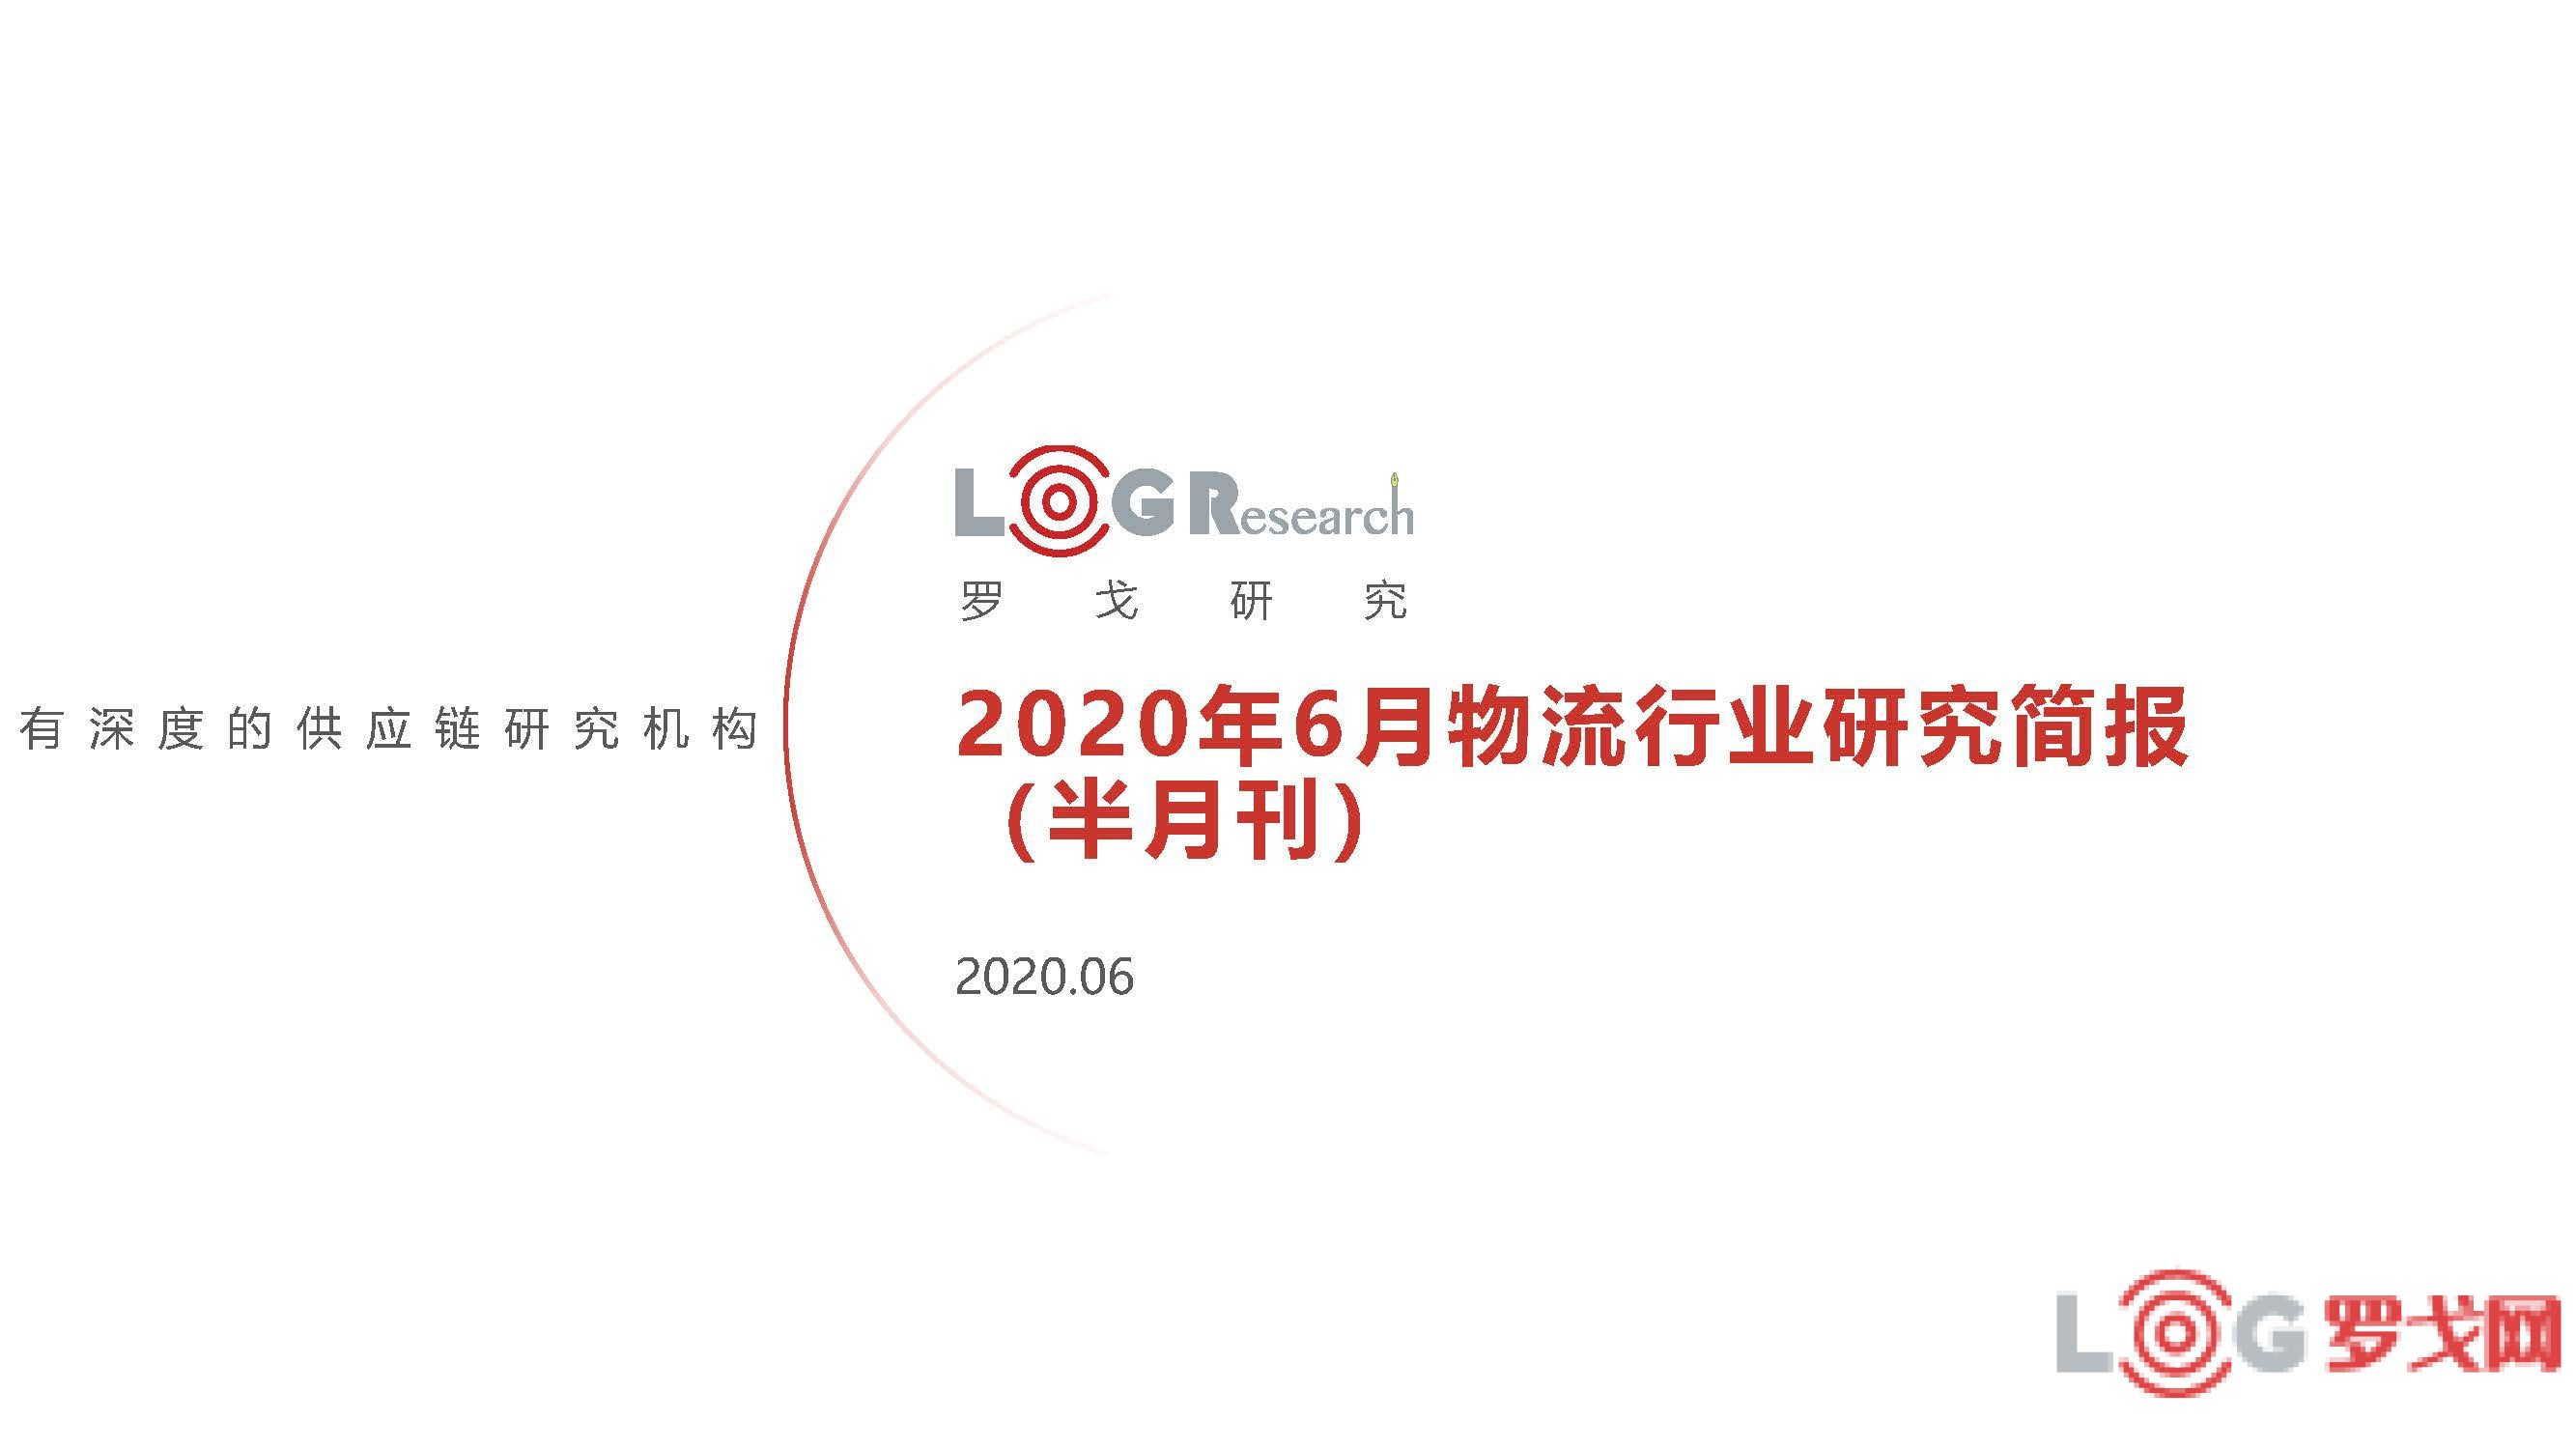 2020年6月物流行业研究简报(半月刊)